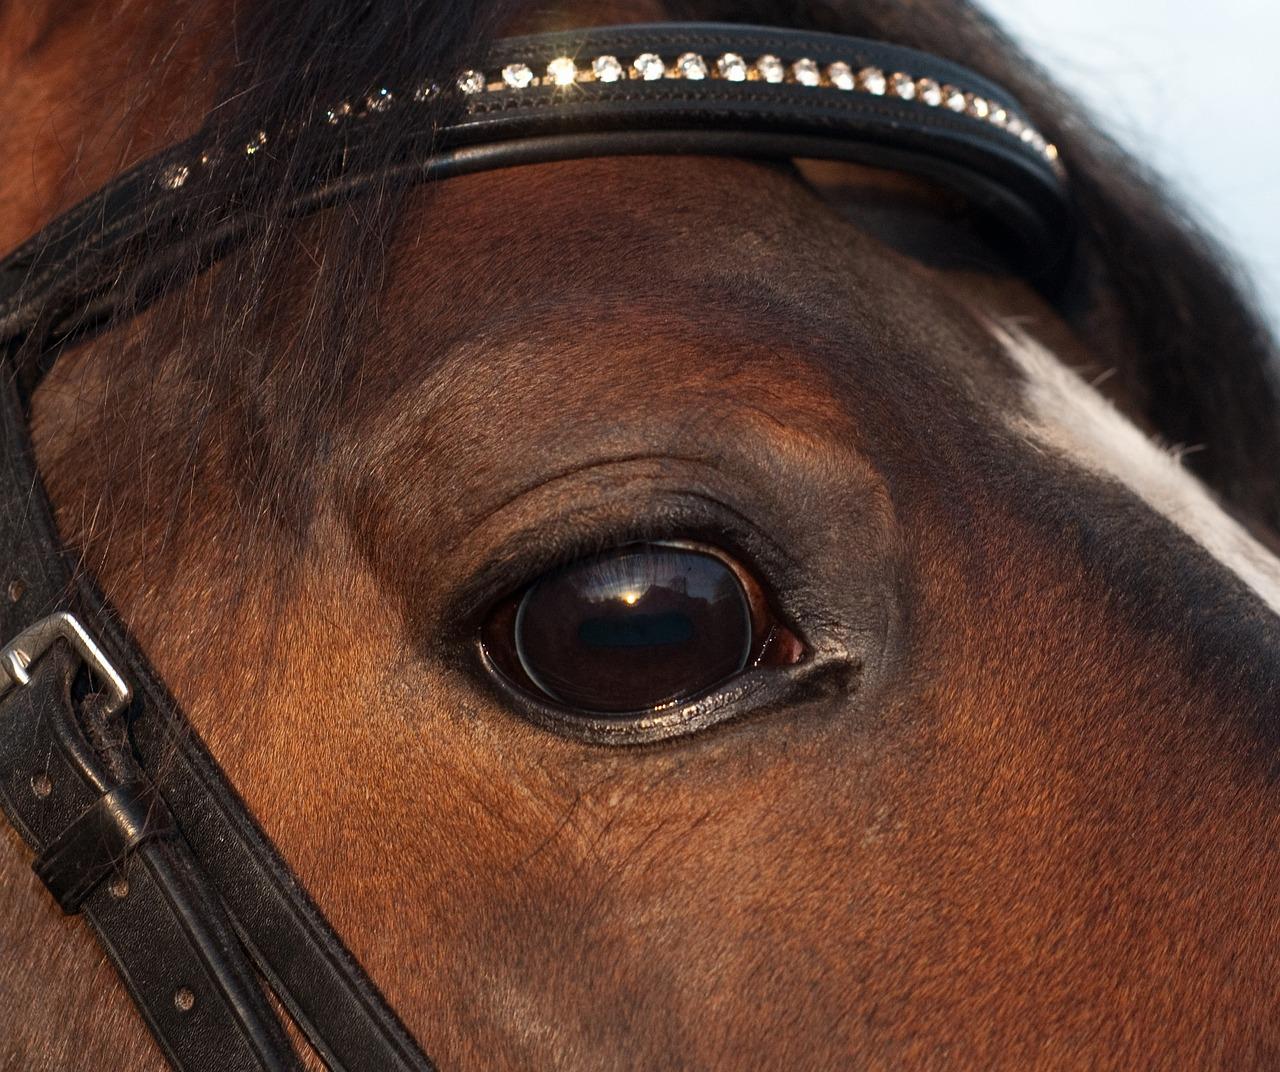 Ветеринария: не закрывайте глаза на глаза лошади! // зм № 1/2004